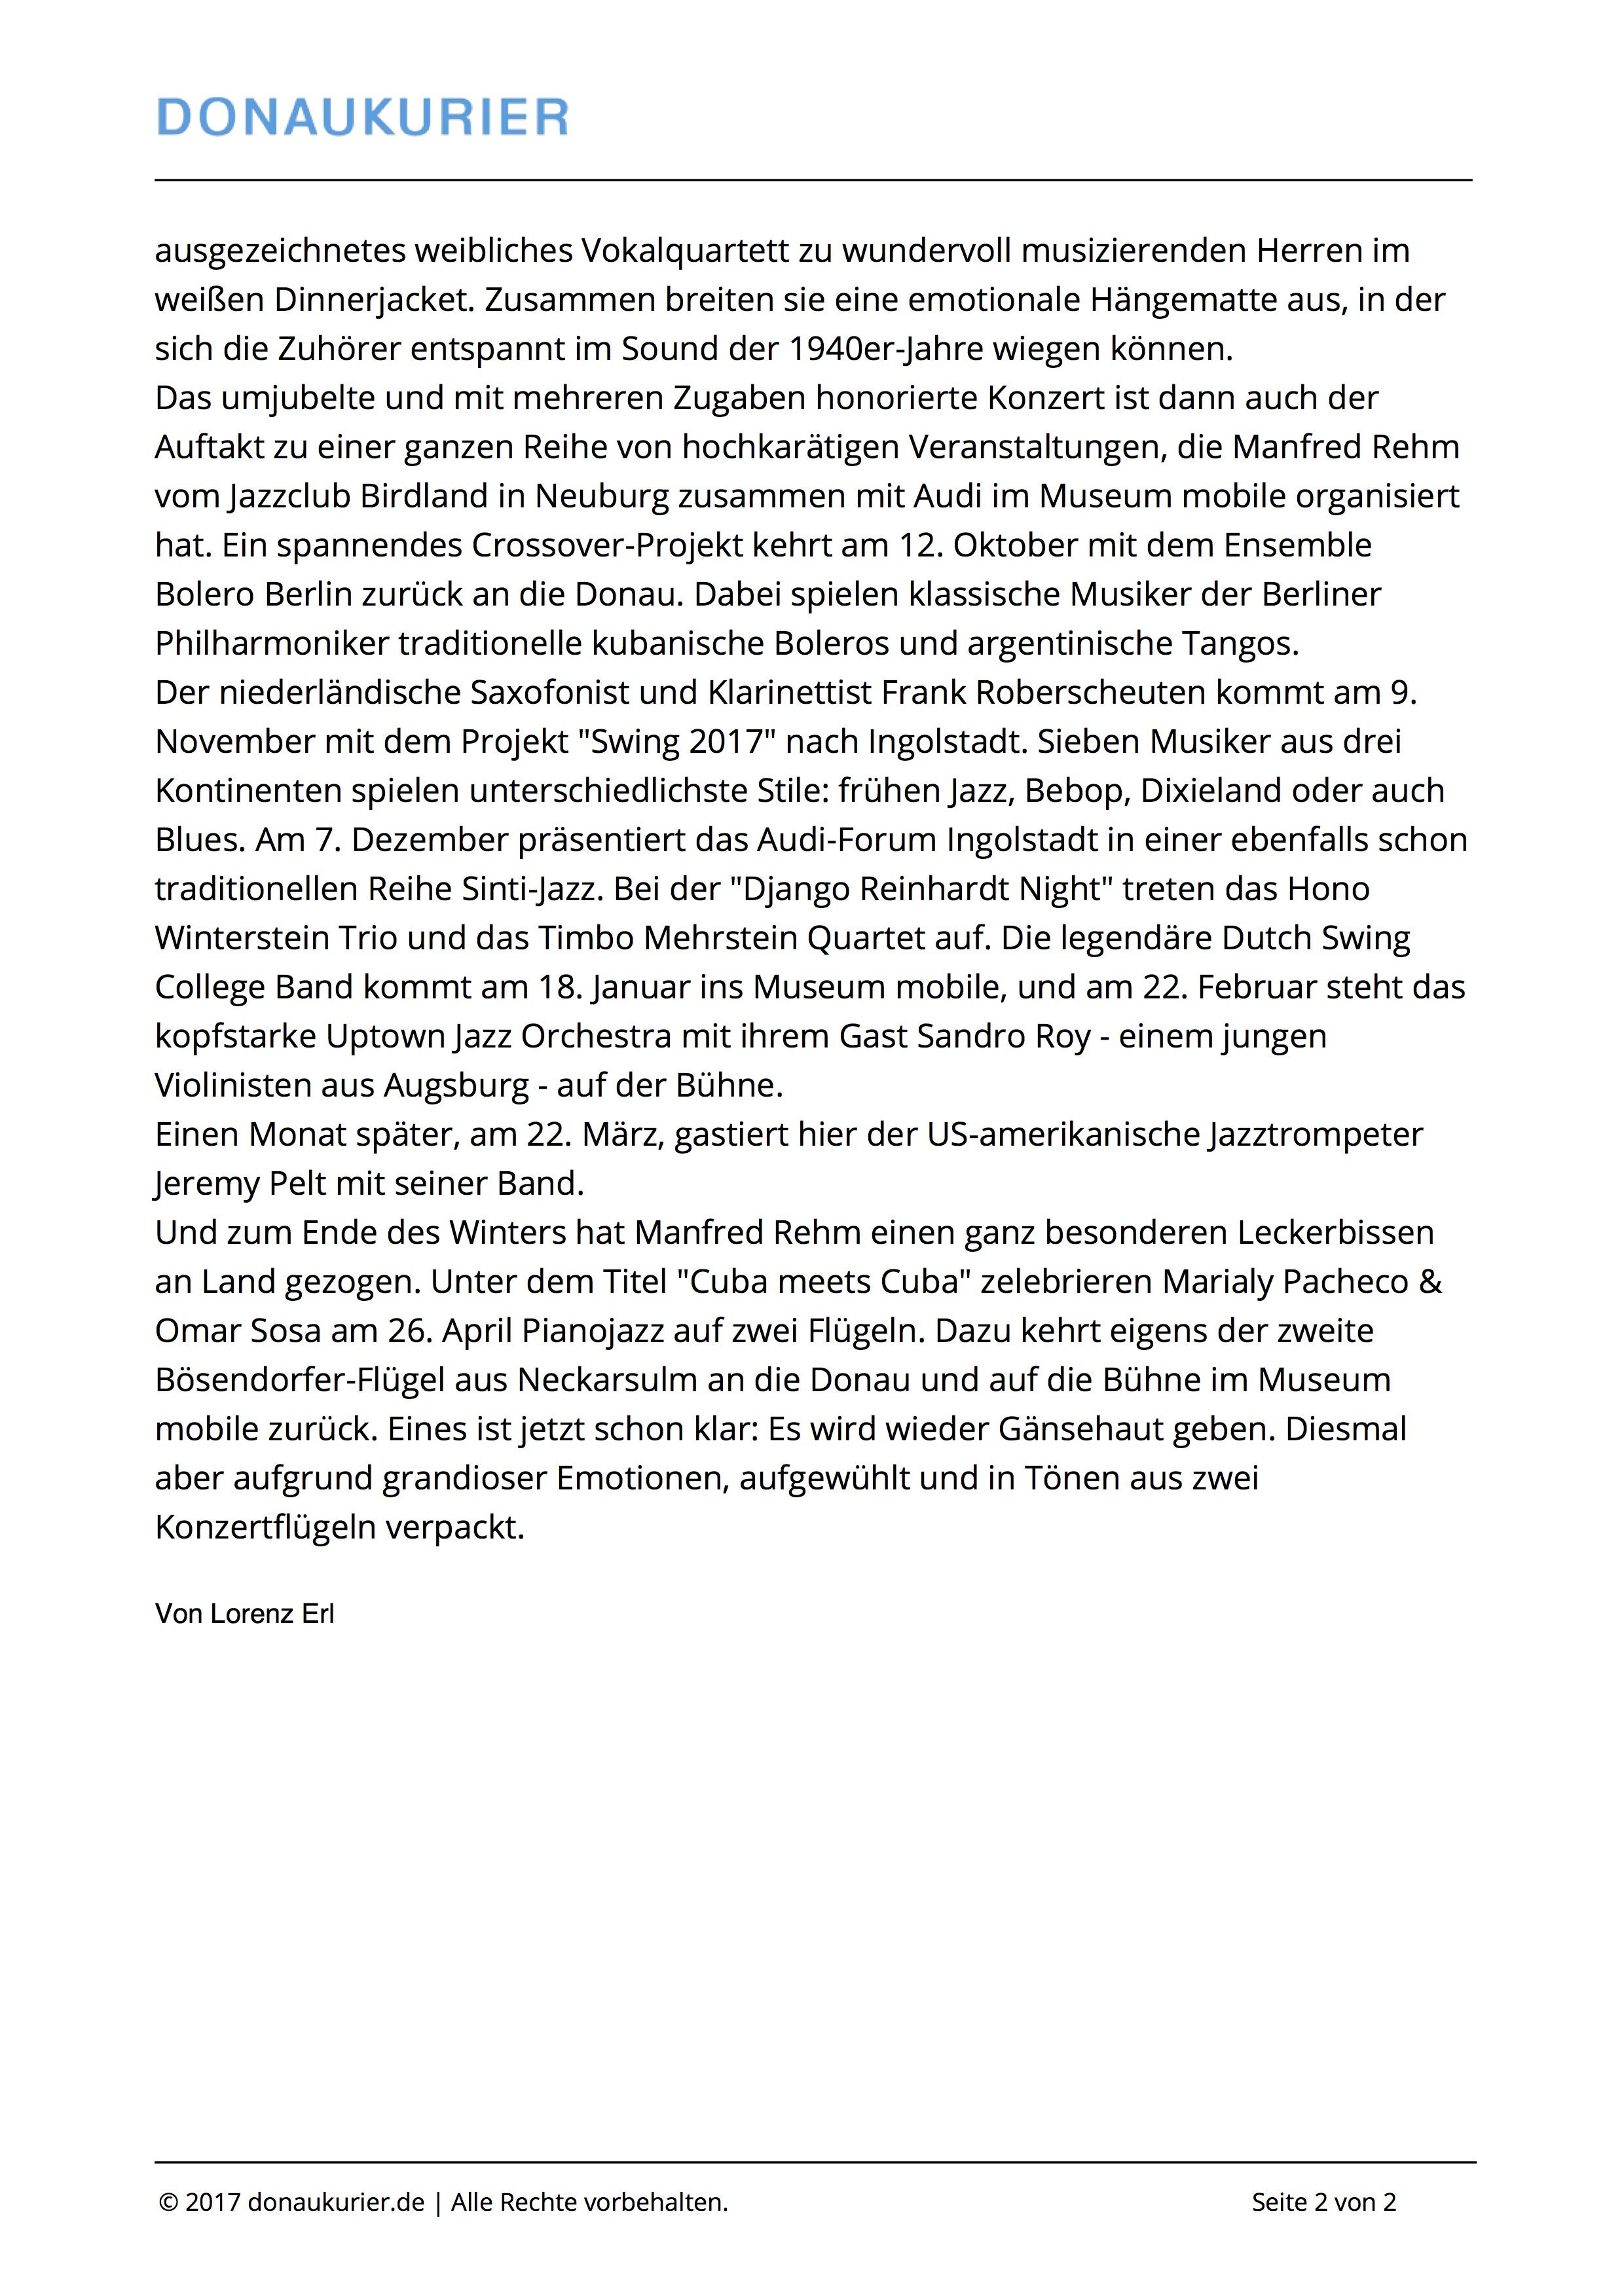 2 Ausblick_auf_die_neue_Saison_im_Ingolstaumldter_Audi-Forum_-_donaukurier.de